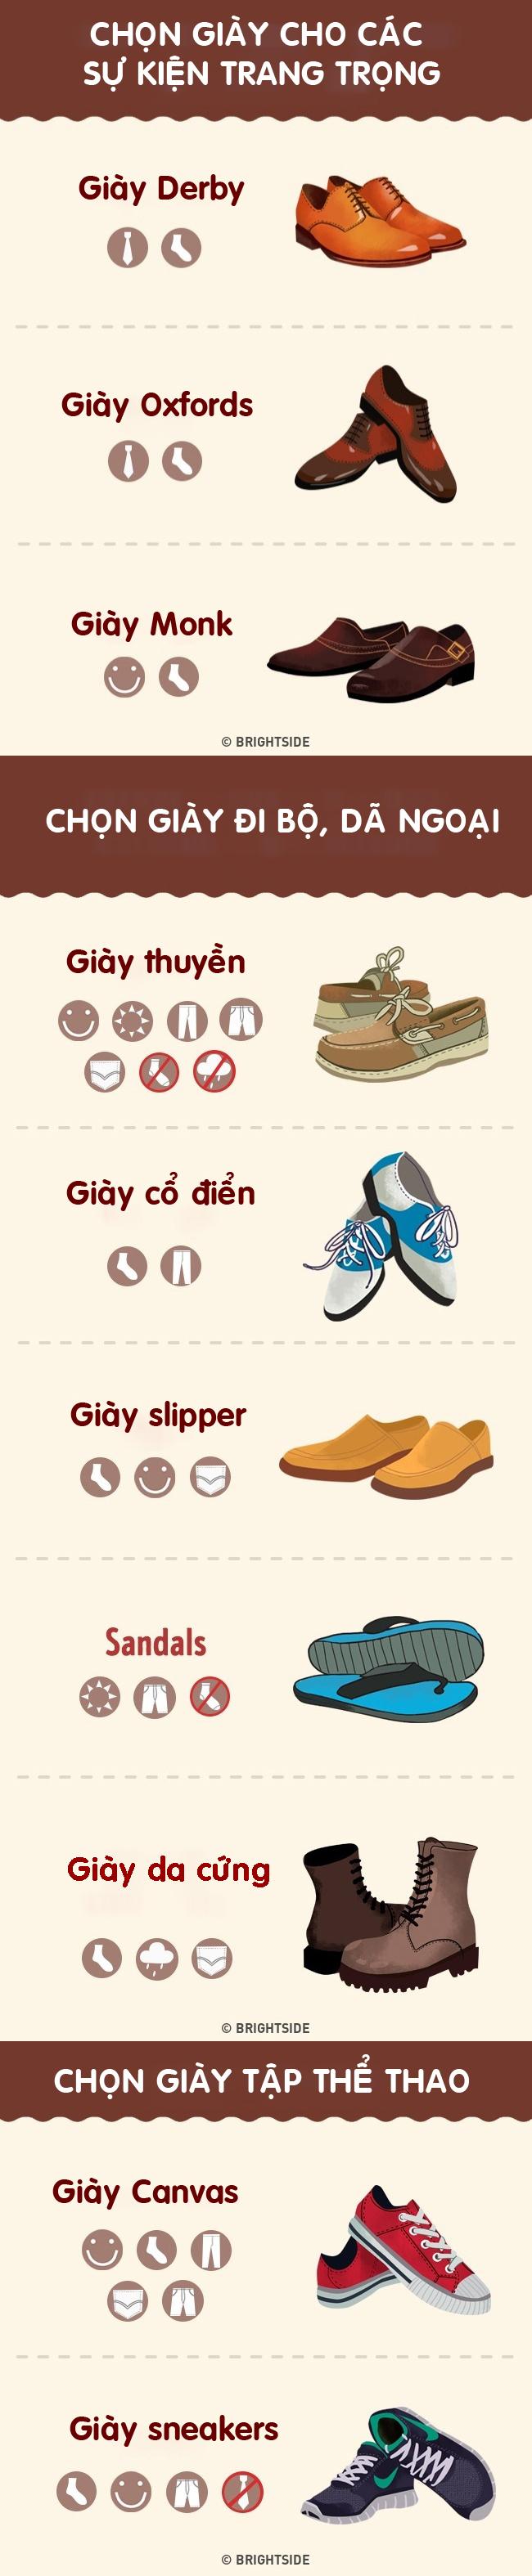 Muốn chọn giày phù hợp từng hoàn cảnh chàng phải biết những điều này - 1